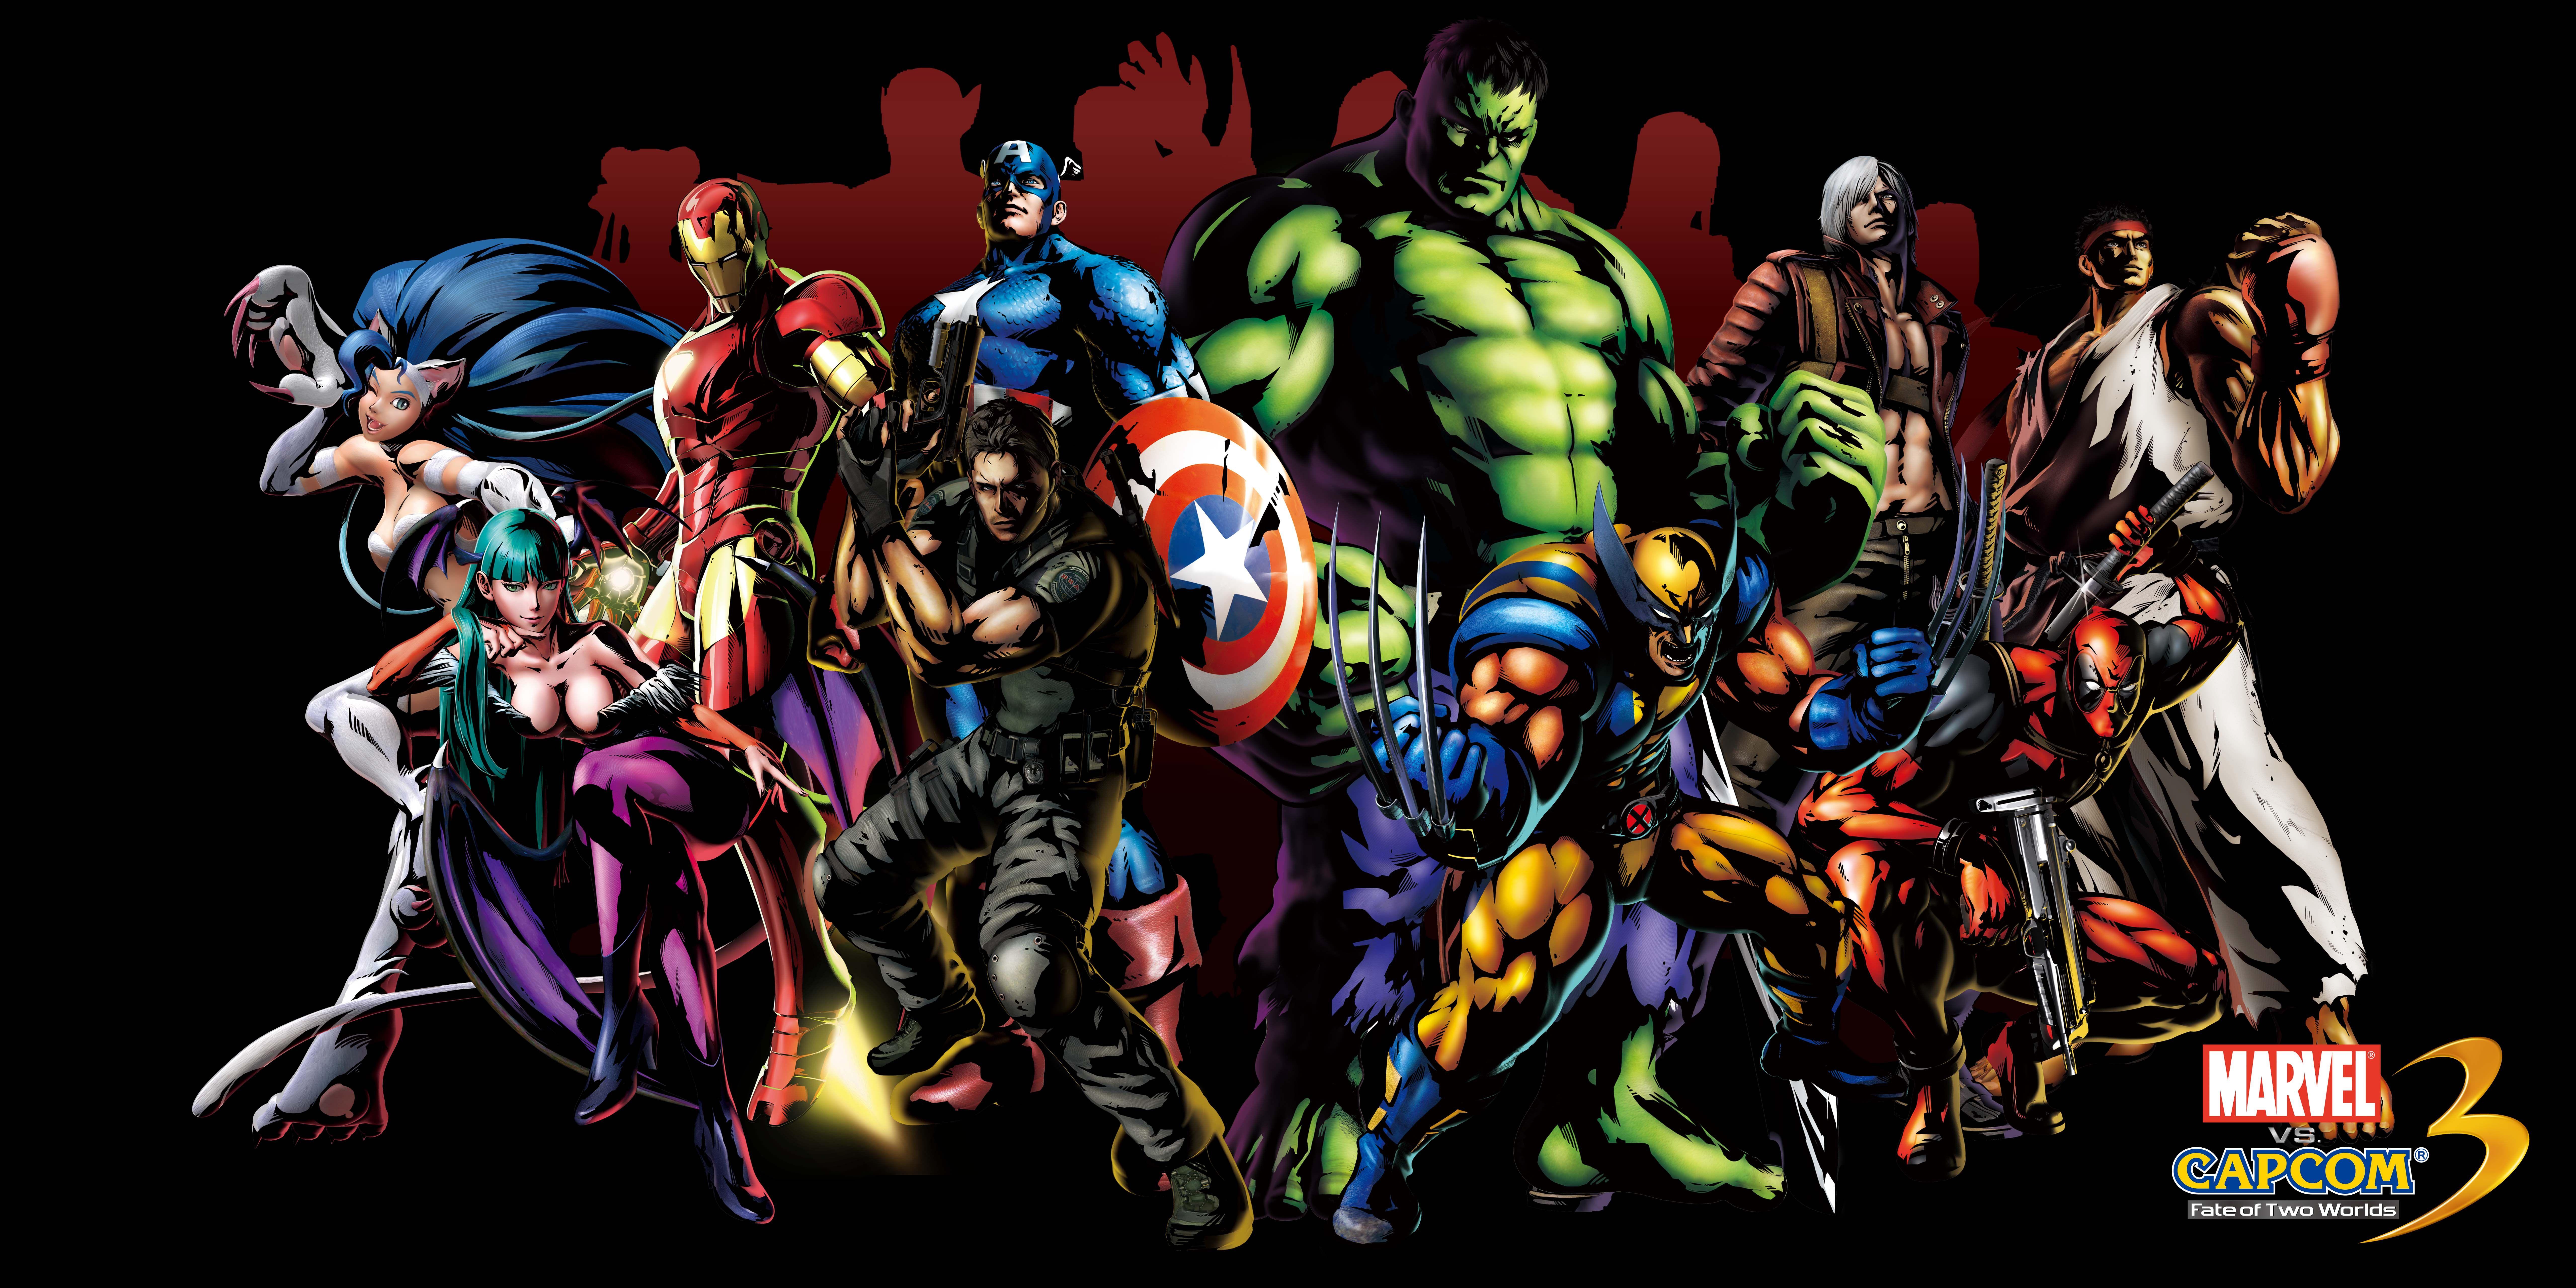 10240x5120 (15) Heroes wallpaper, Super herói, Batman